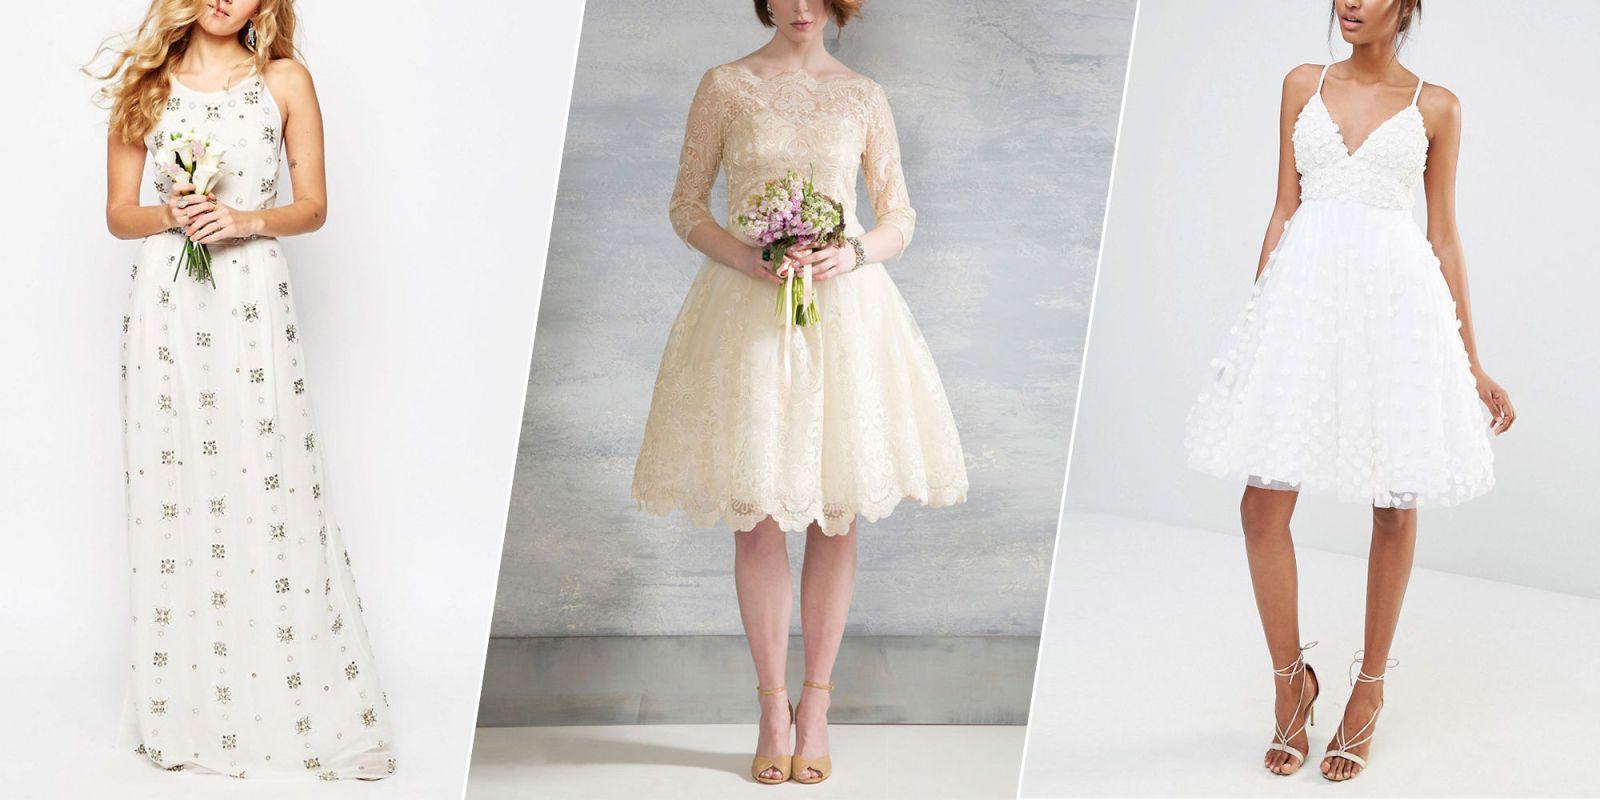 Cheap unique wedding dresses   Unique Wedding Dresses That Are Better Than a Ball Gown  Unique